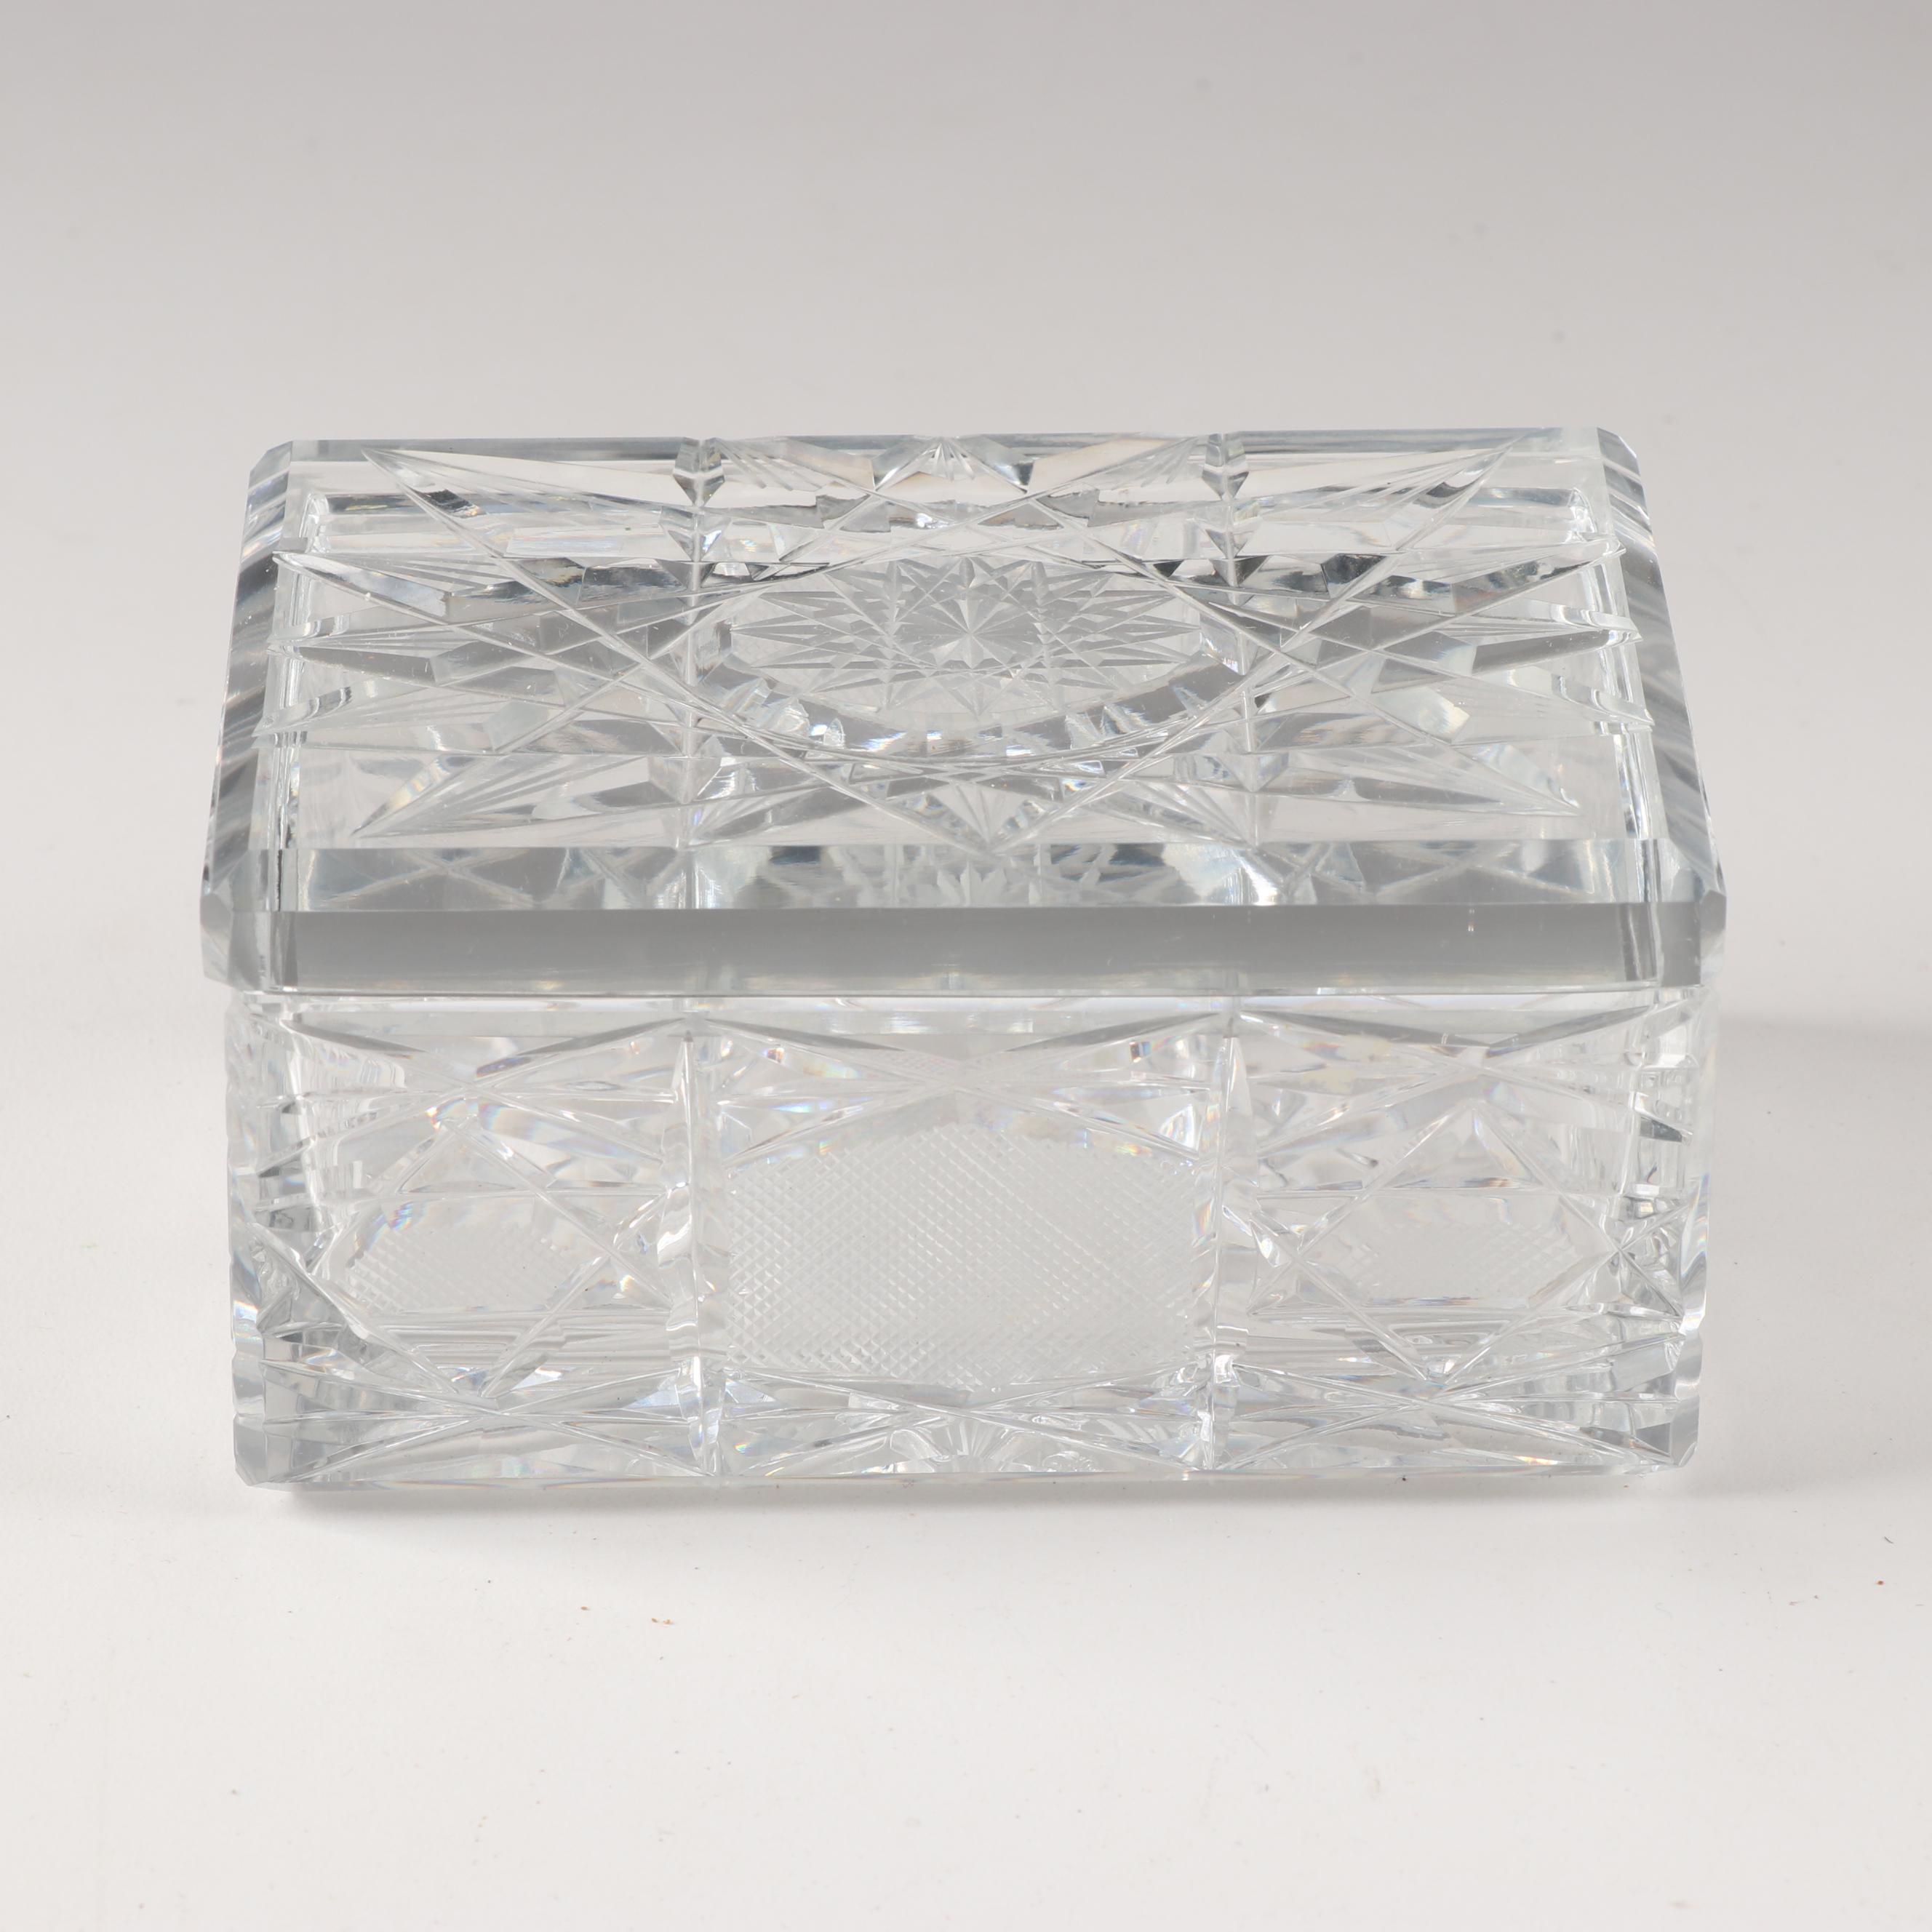 Crystal Cut Glass Lidded Trinket Box